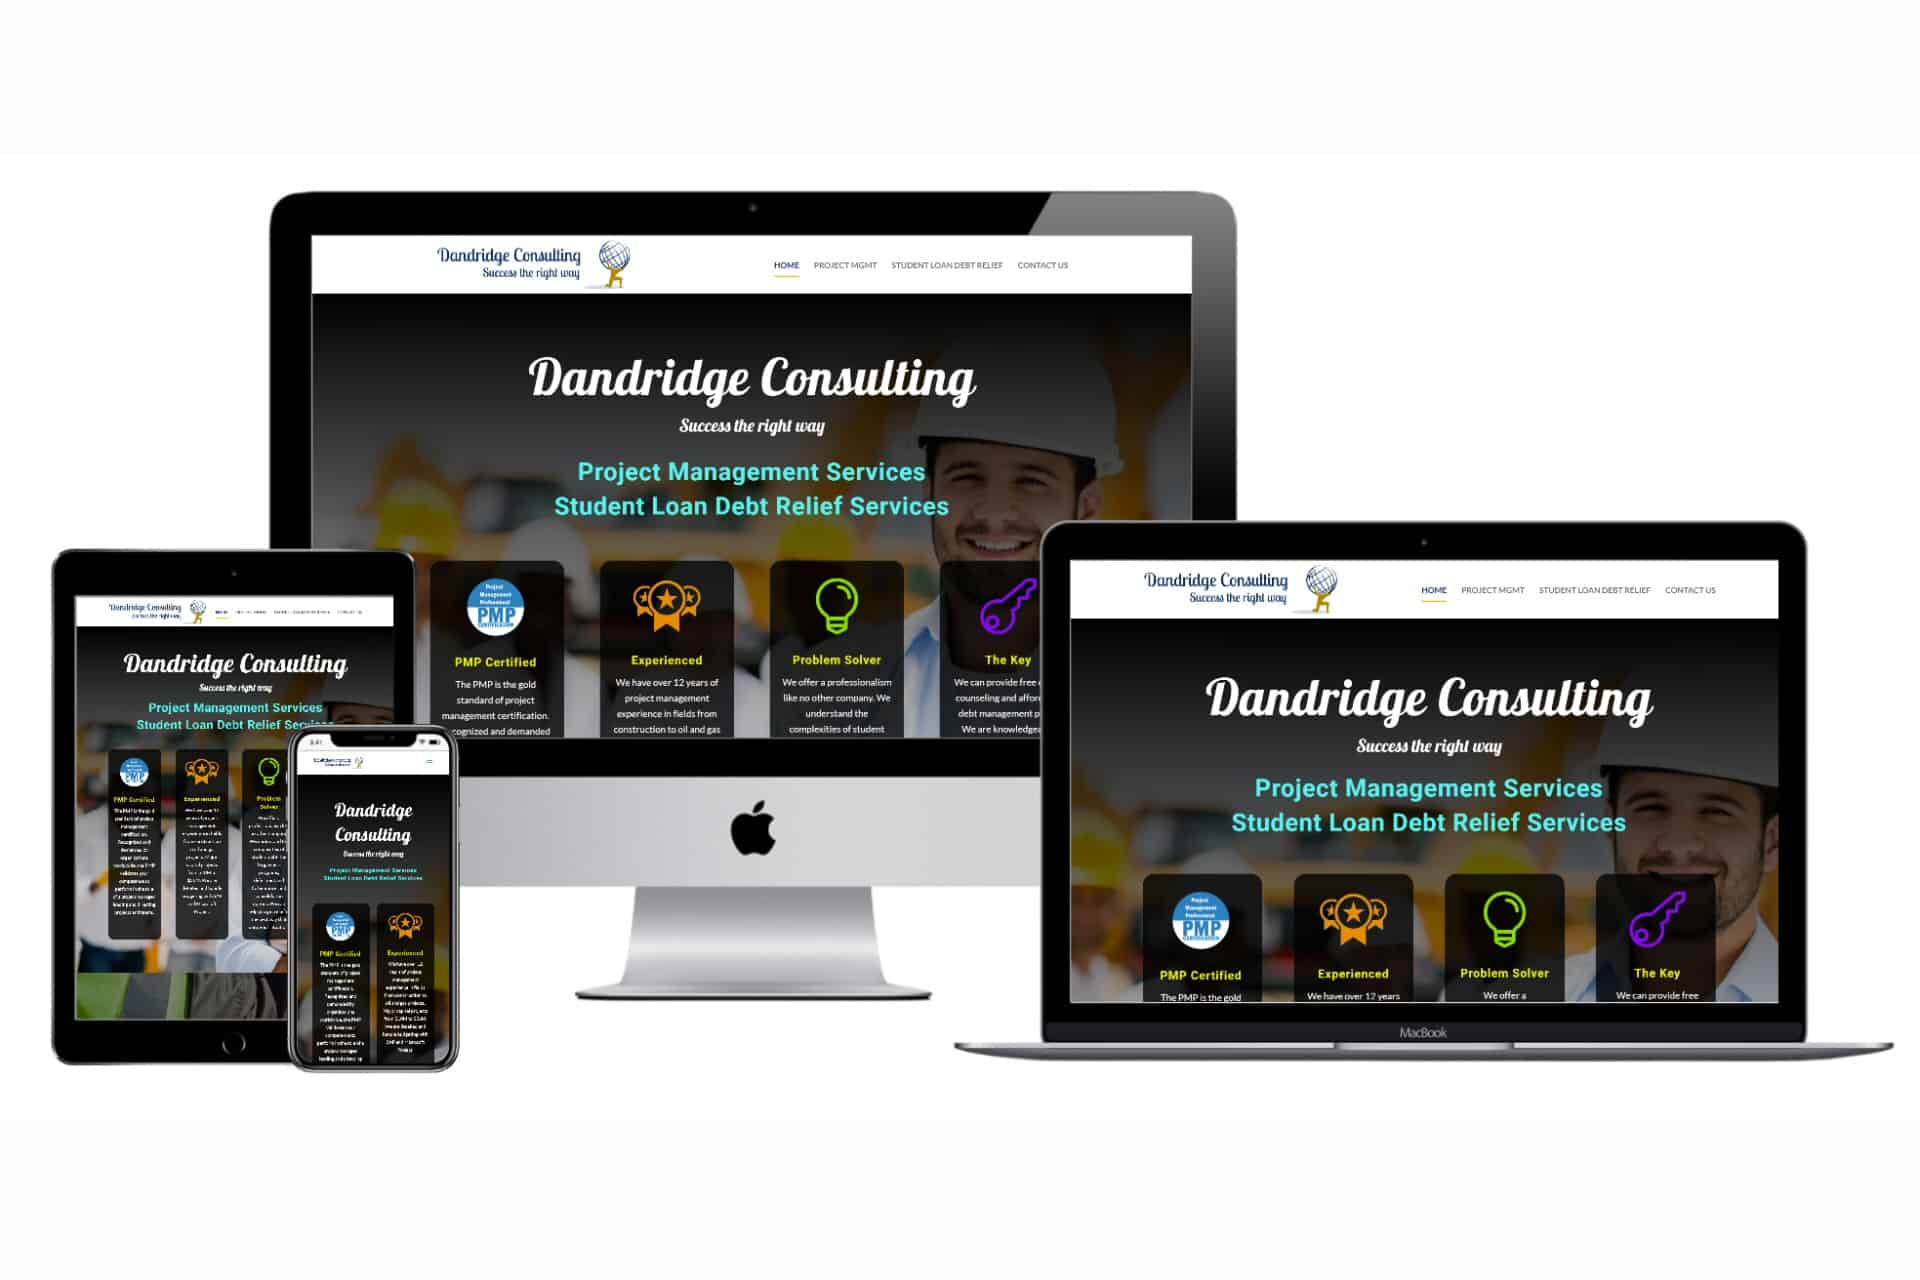 Dandridge Consulting Website Design by WizardsWebs Design